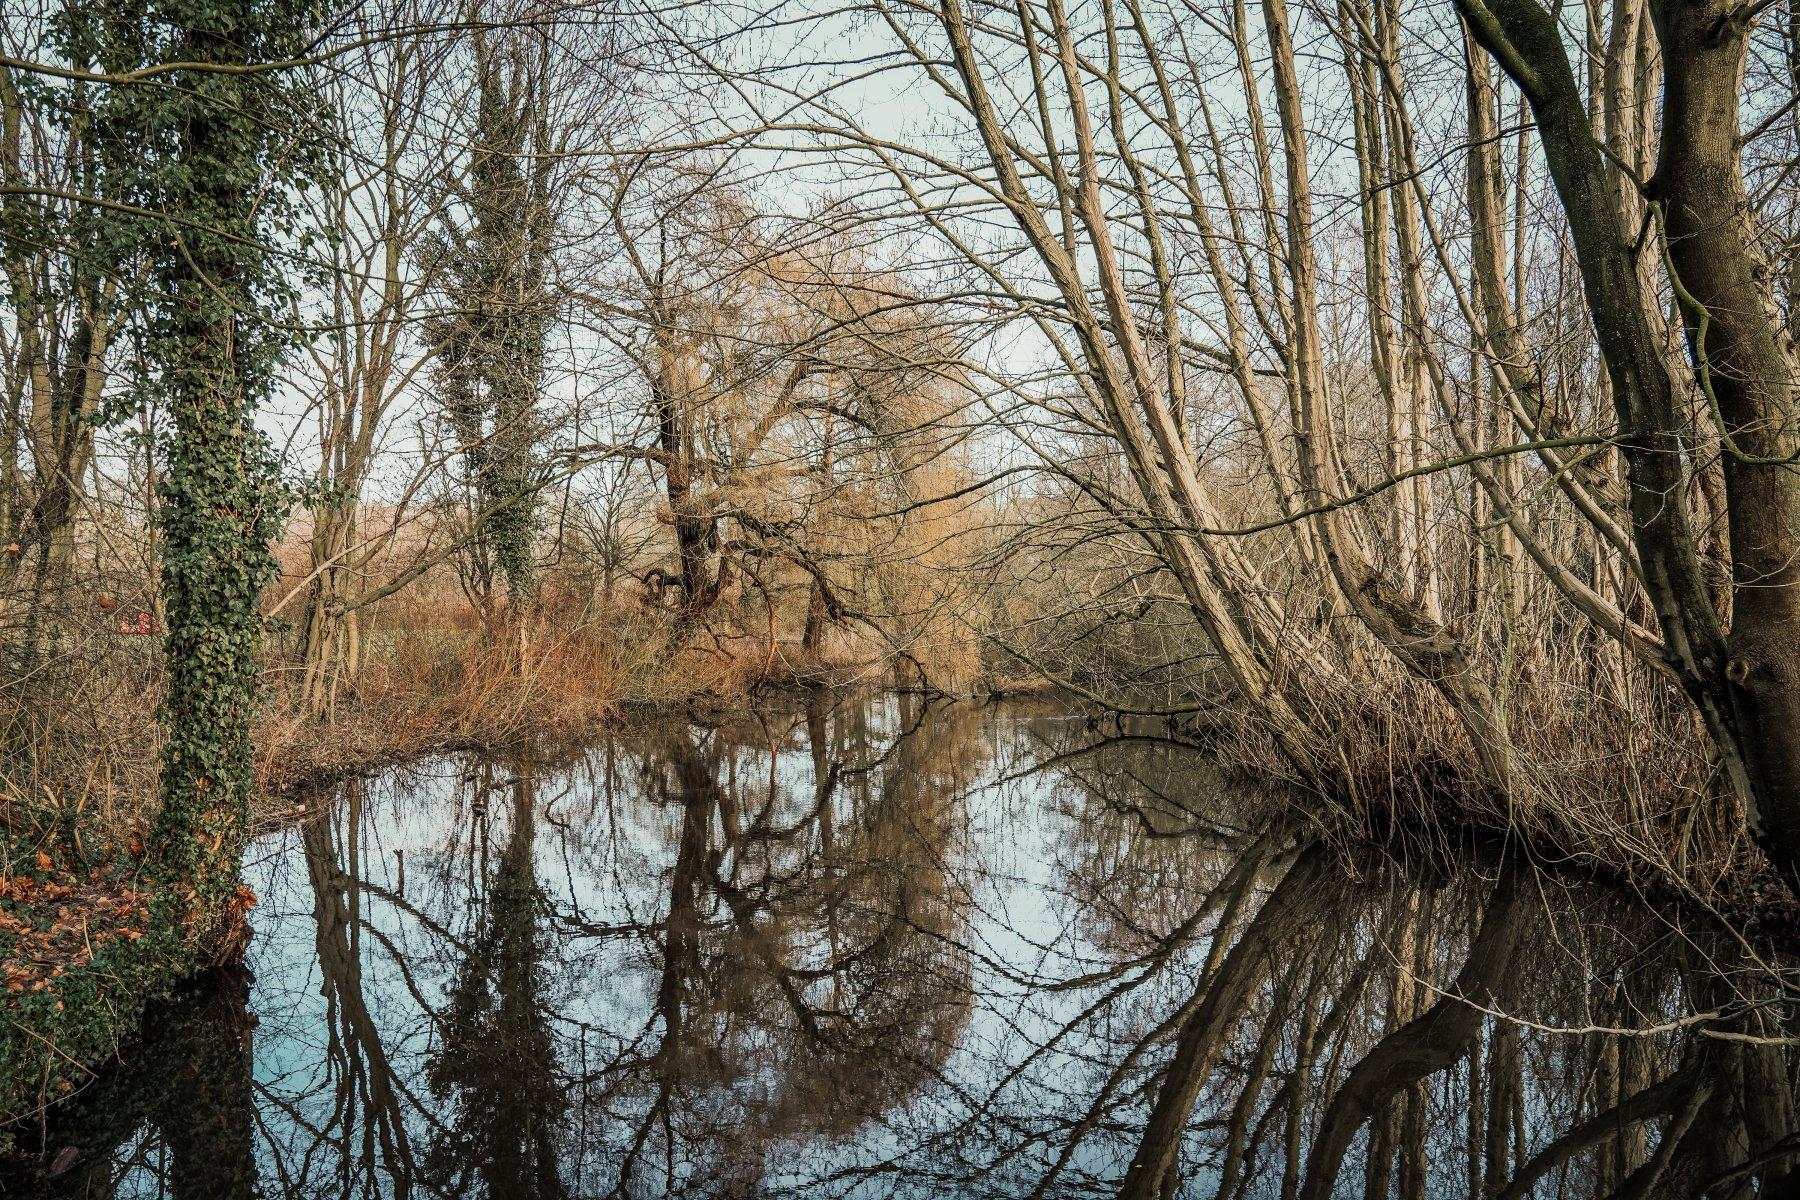 geheimtipp hamburg Eichtalpark Wandsbek wald natur linus kross0